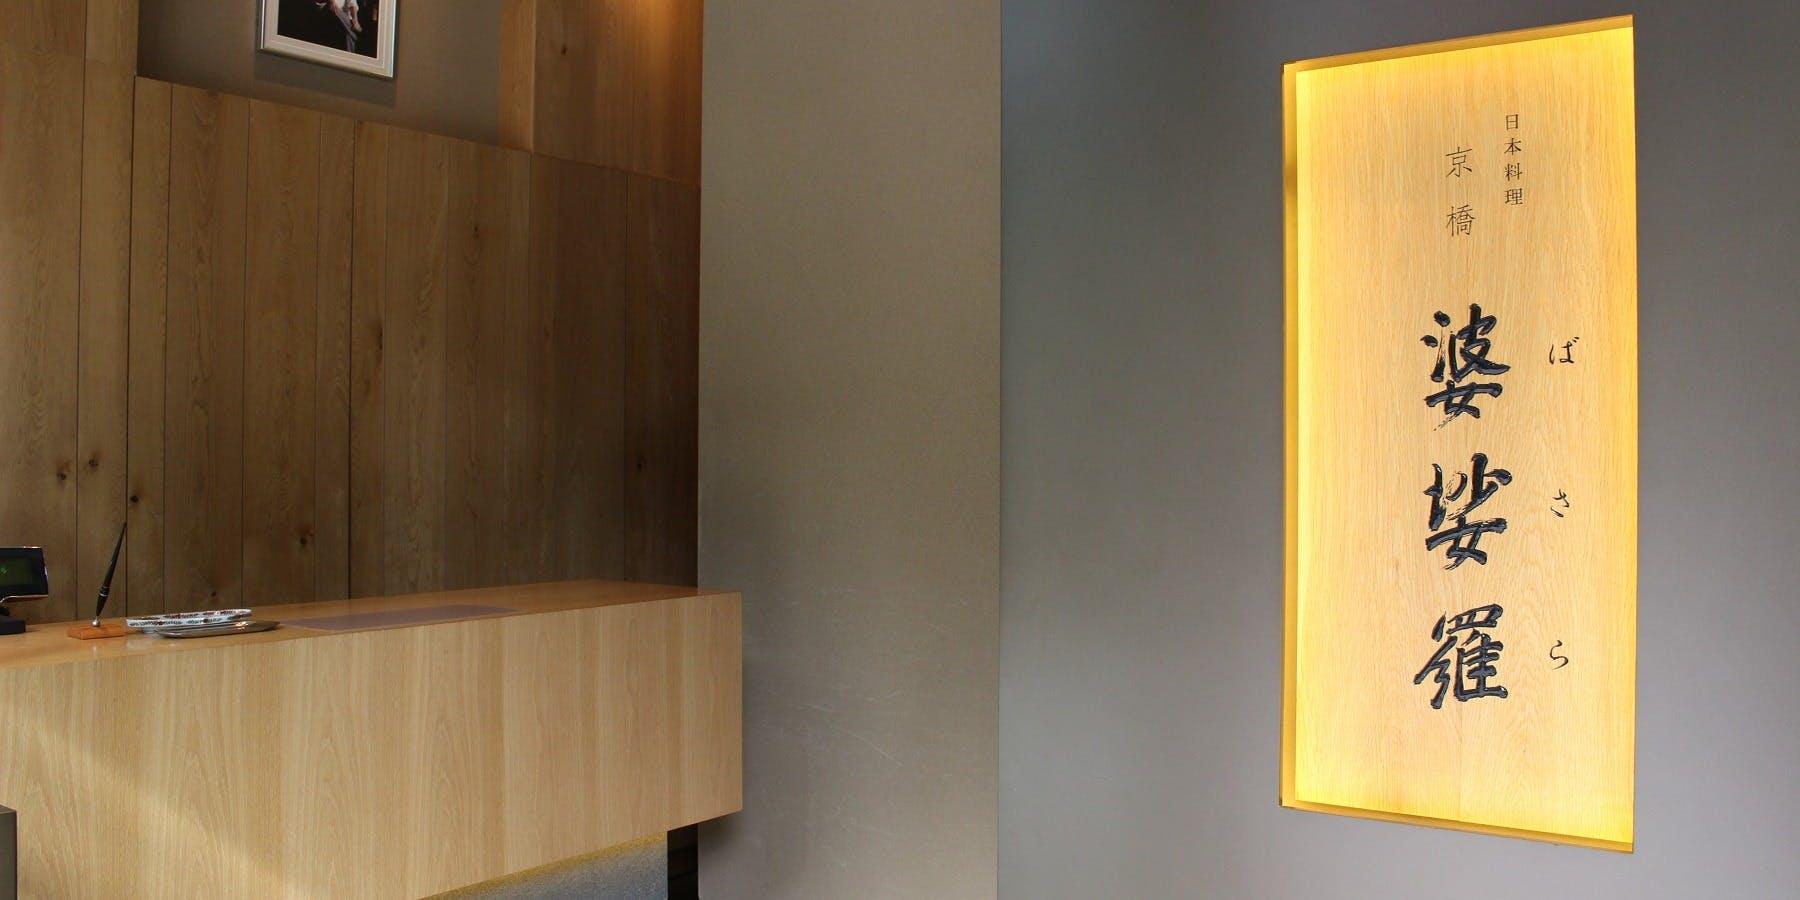 記念日におすすめのレストラン・京橋 婆娑羅の写真1